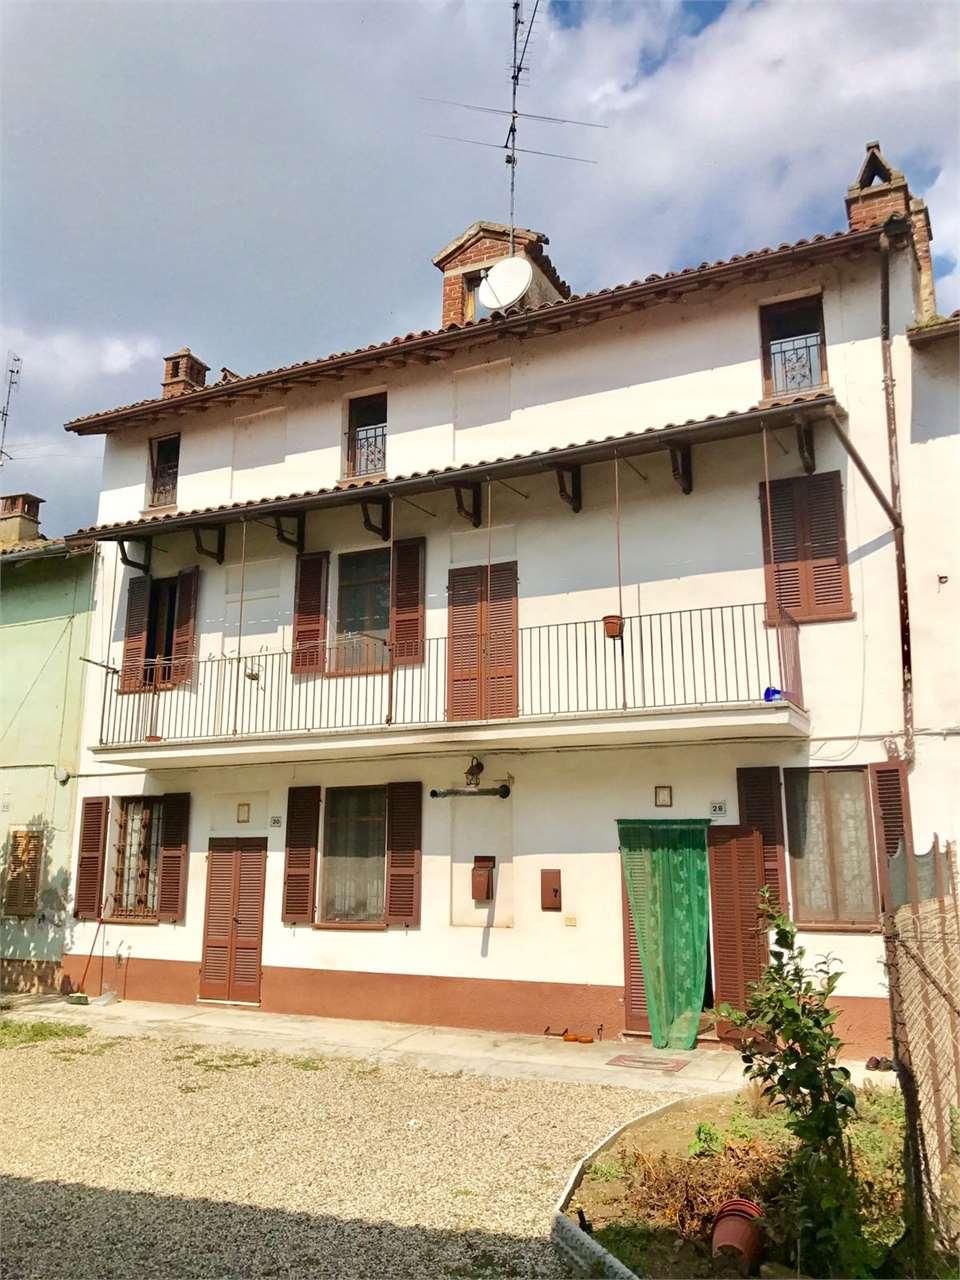 Appartamento in vendita a Breme, 6 locali, prezzo € 70.000 | CambioCasa.it